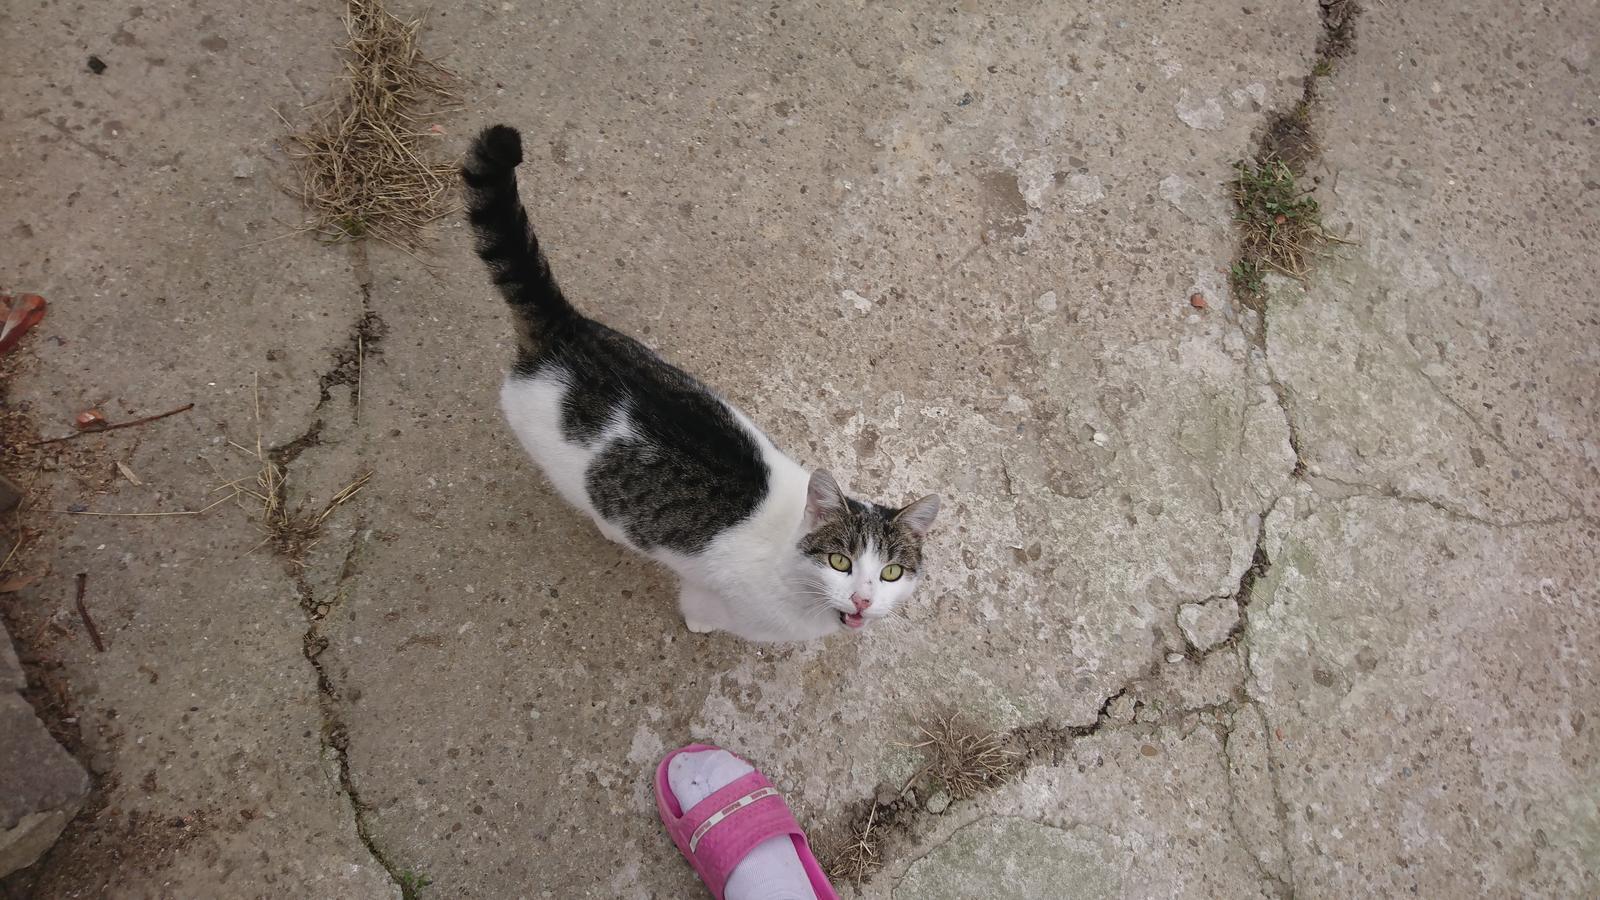 Náš domček - Mame ďalšiu cicu, prišla a nechce odísť :)